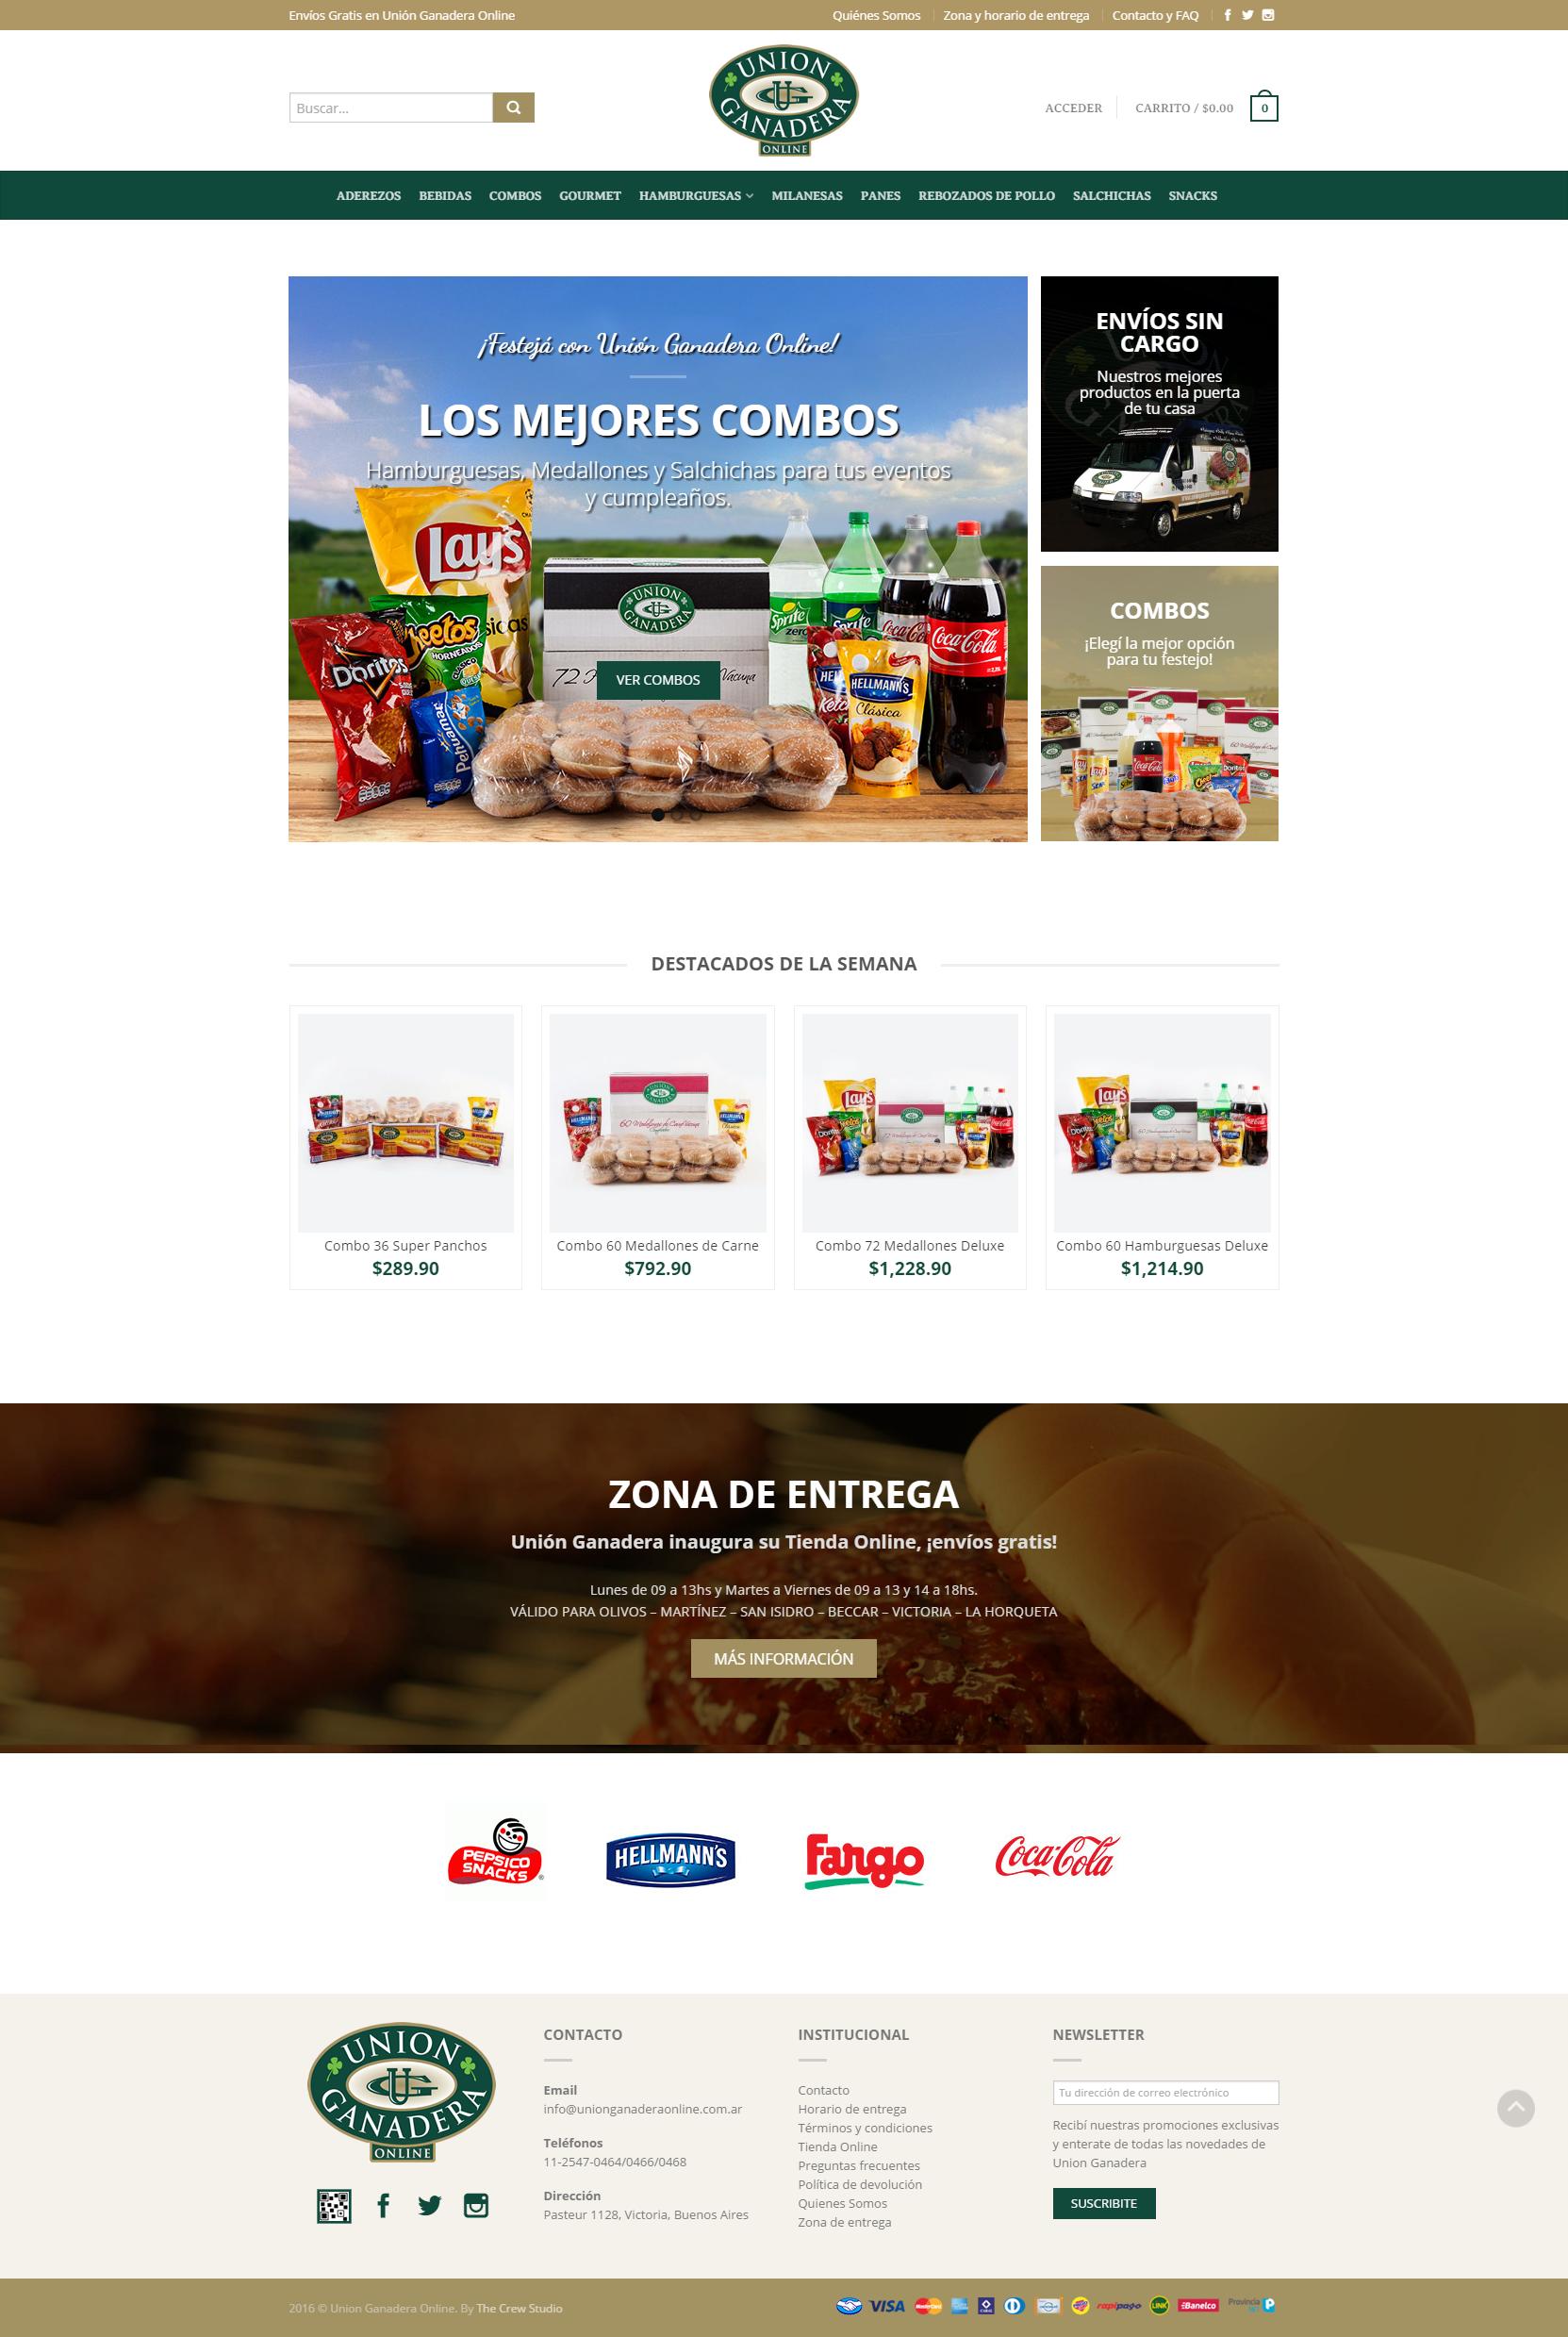 Unión Ganadera Online Venta de hamburguesas panchos y combos